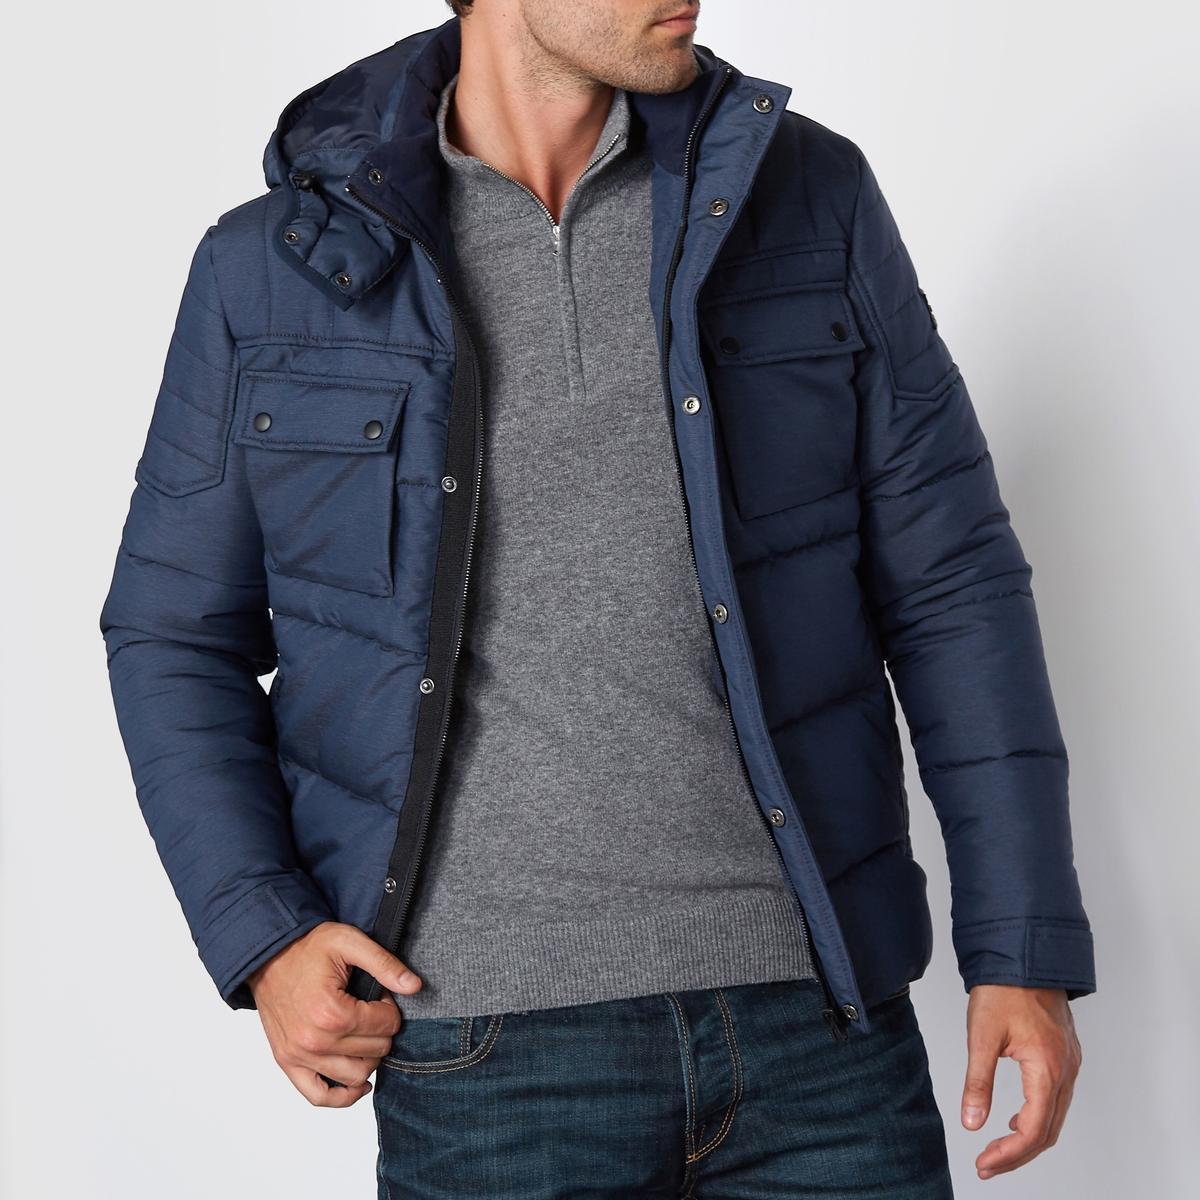 Куртка стеганая с капюшоном со стеганым эффектомВставка на плечах. Состав и описаниеМатериал : 100% полиэстерМарка : JACK &amp; JONES<br><br>Цвет: темно-синий,черный